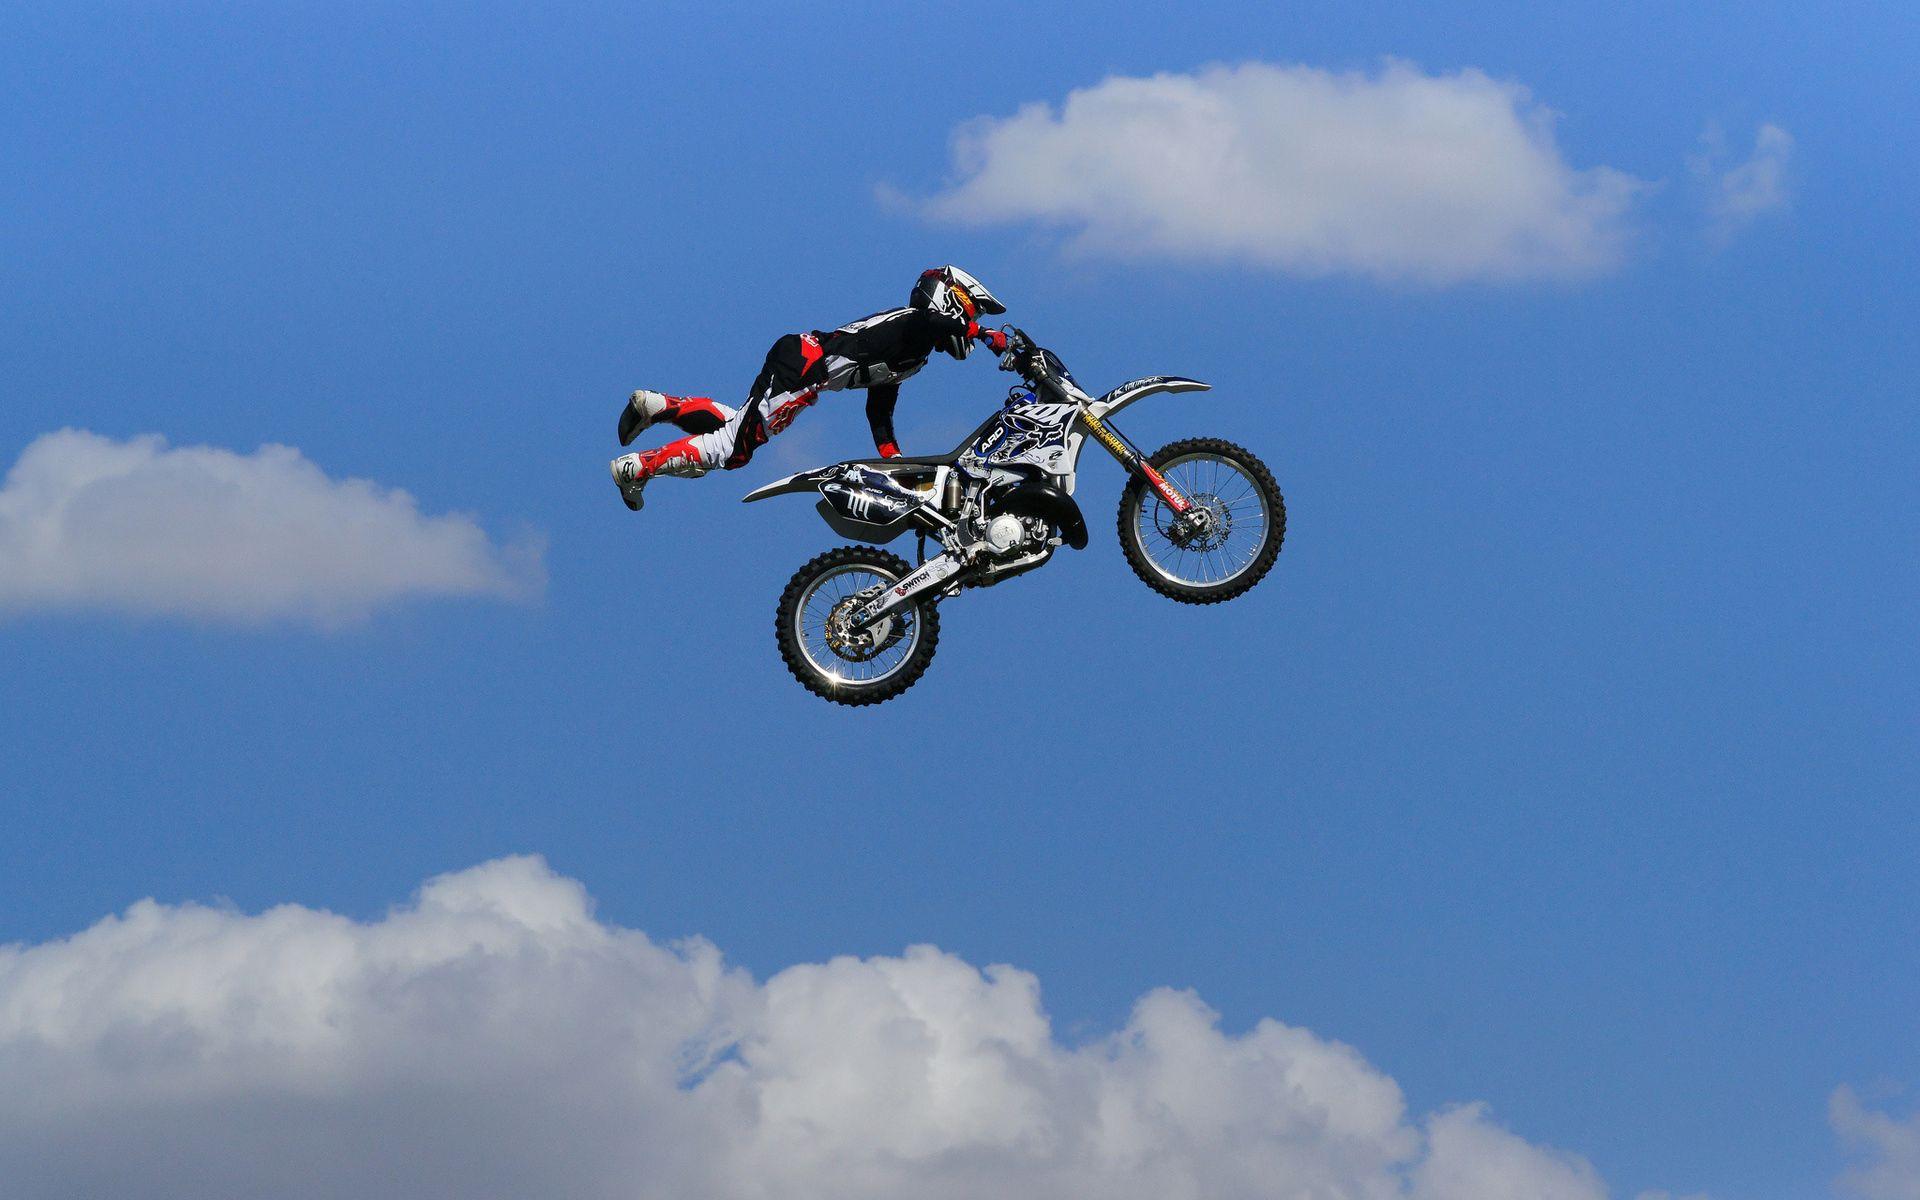 Descarga gratuita de fondo de pantalla para móvil de Motocross, Rebotar, Motocicleta, Saltar, Motocicletas, Hombre.